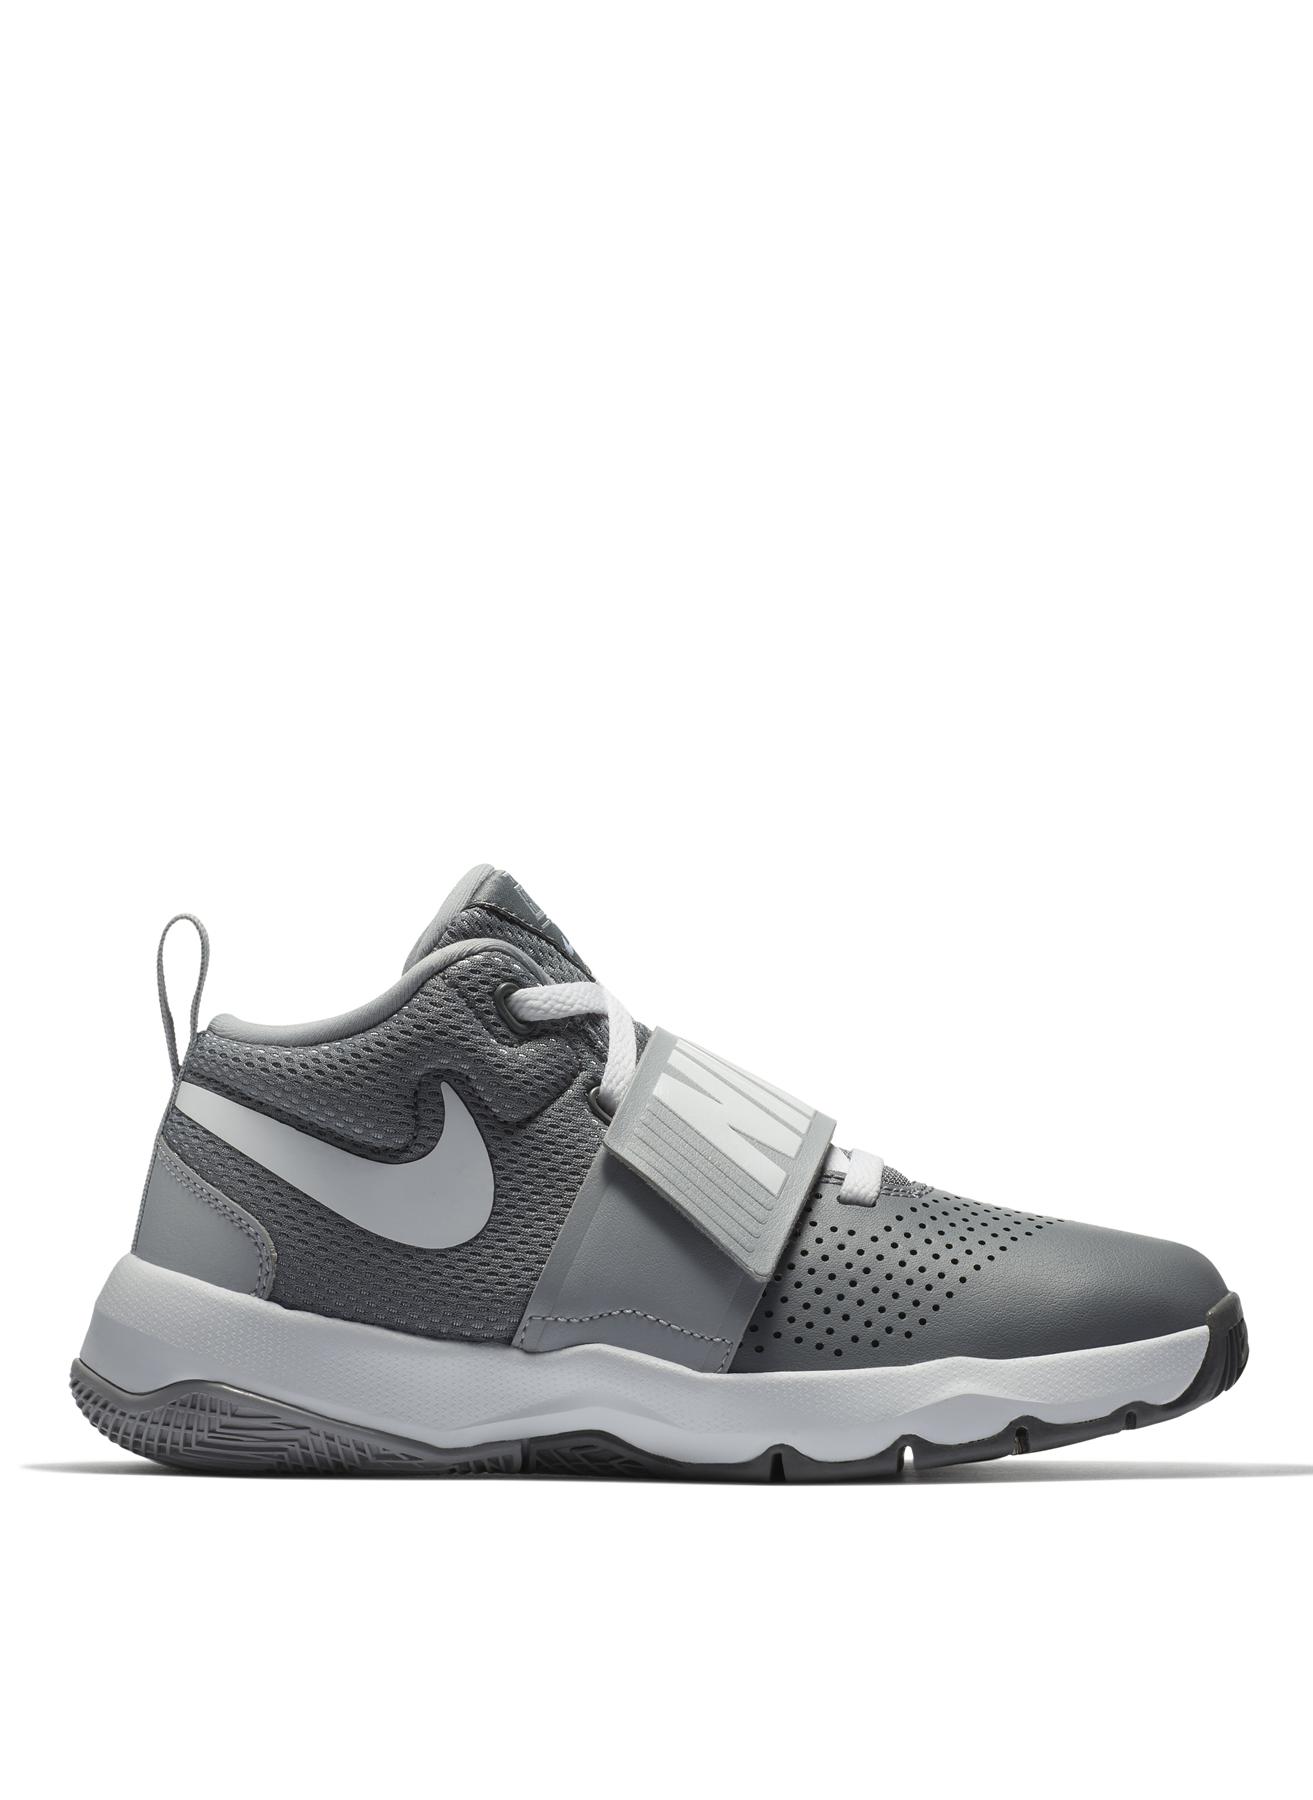 Nike Çocuk Yürüyüş Ayakkabısı 37.5 5000220668004 Ürün Resmi